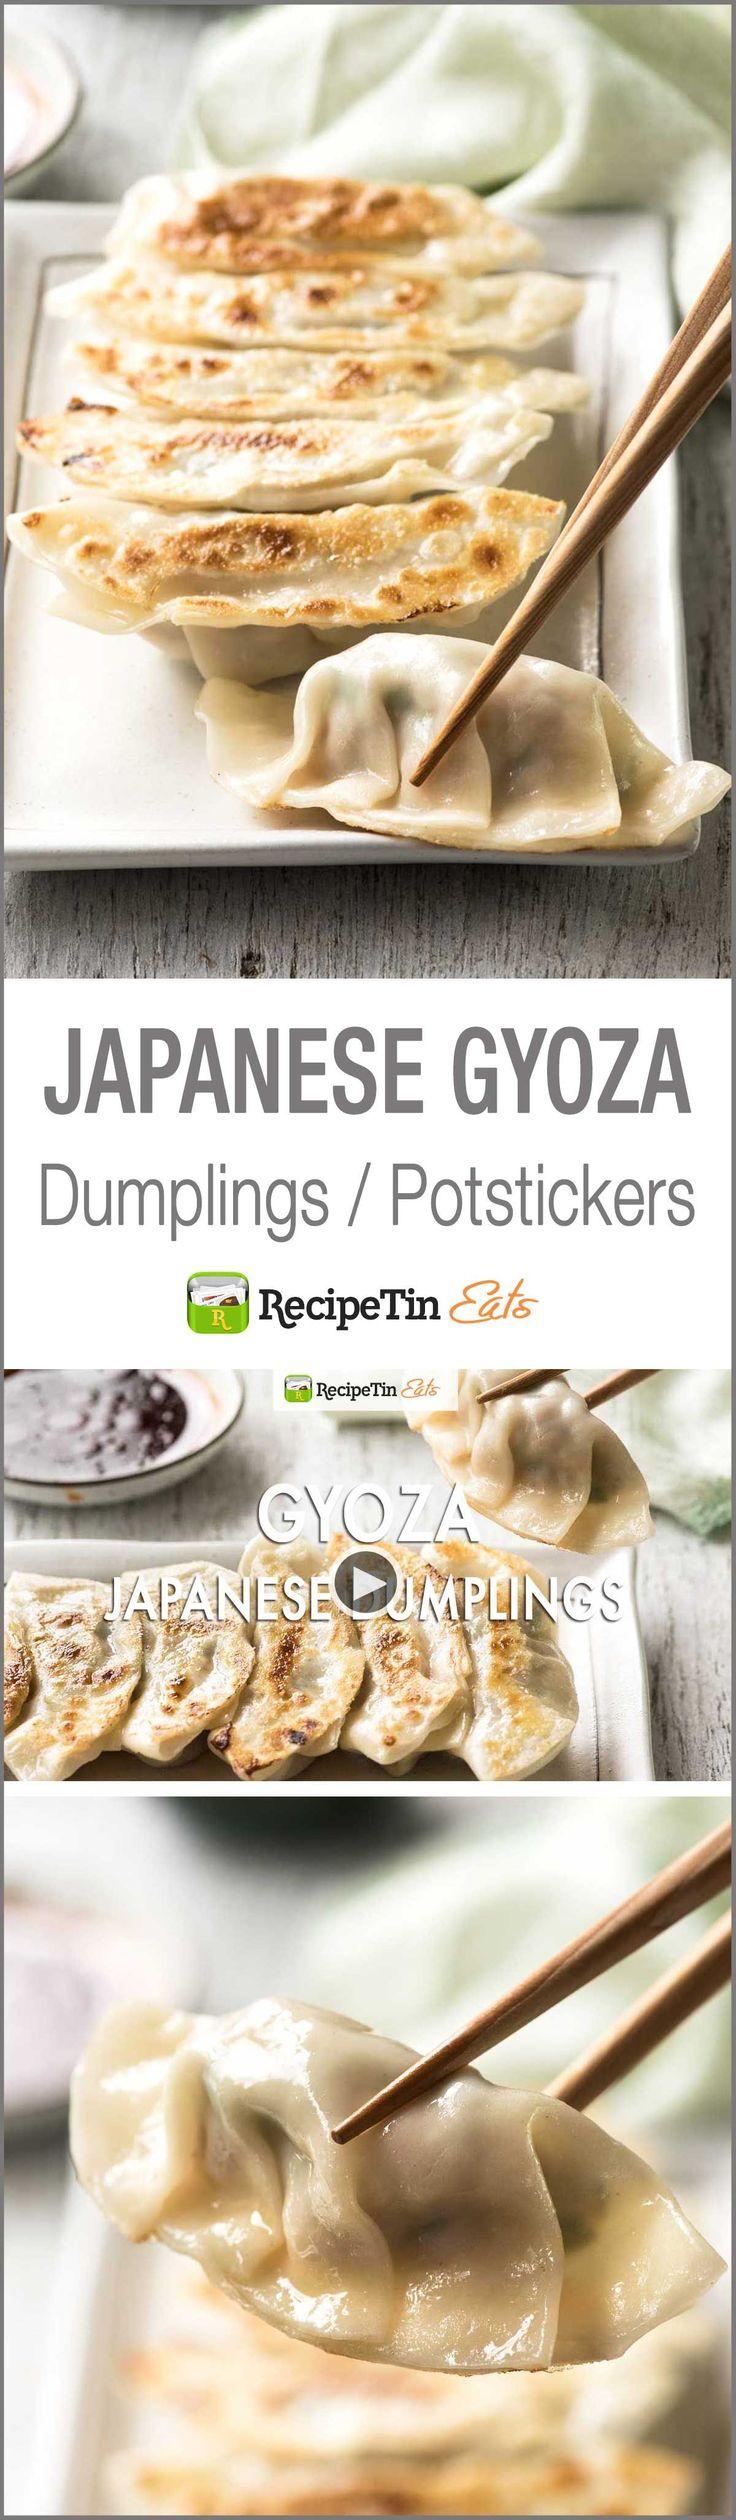 Gyoza (bolas de masa hervida japonesas) - Una receta tradicional japonesa! Además de un vídeo para aprender cómo envolver ellos!